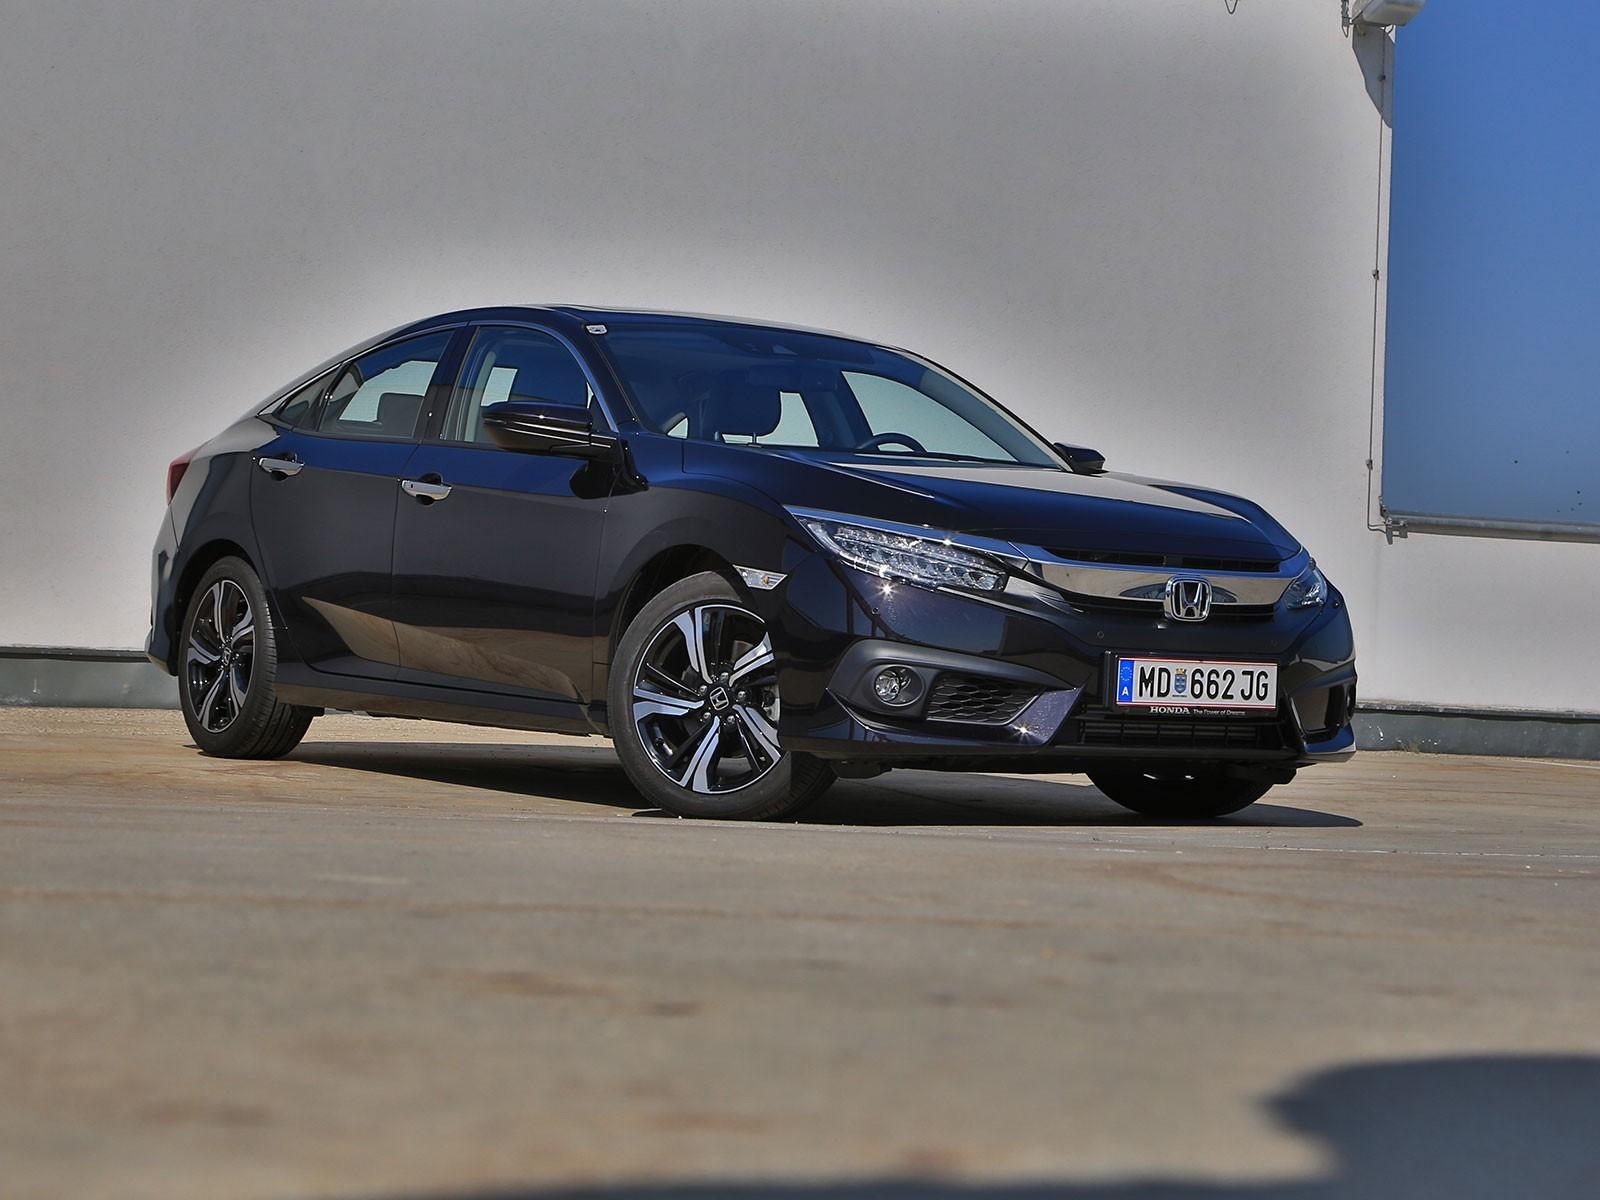 Foto Honda Civic Limousine 1 5 Vtec Turbo Executive At Testbericht